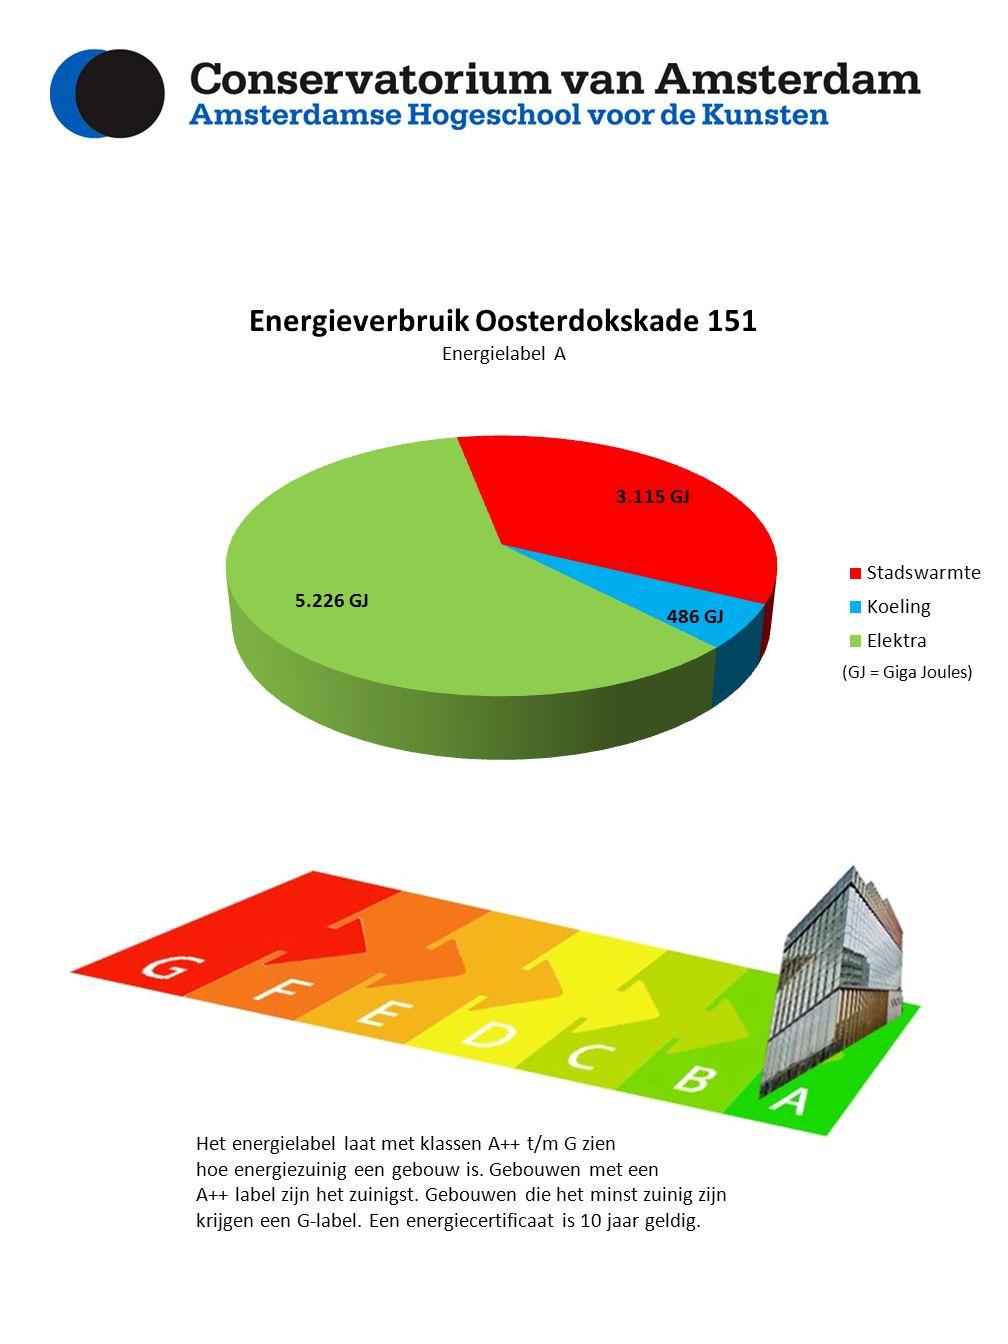 Het energielabel laat met klassen A++ t/m G zien hoe energiezuinig een gebouw is.